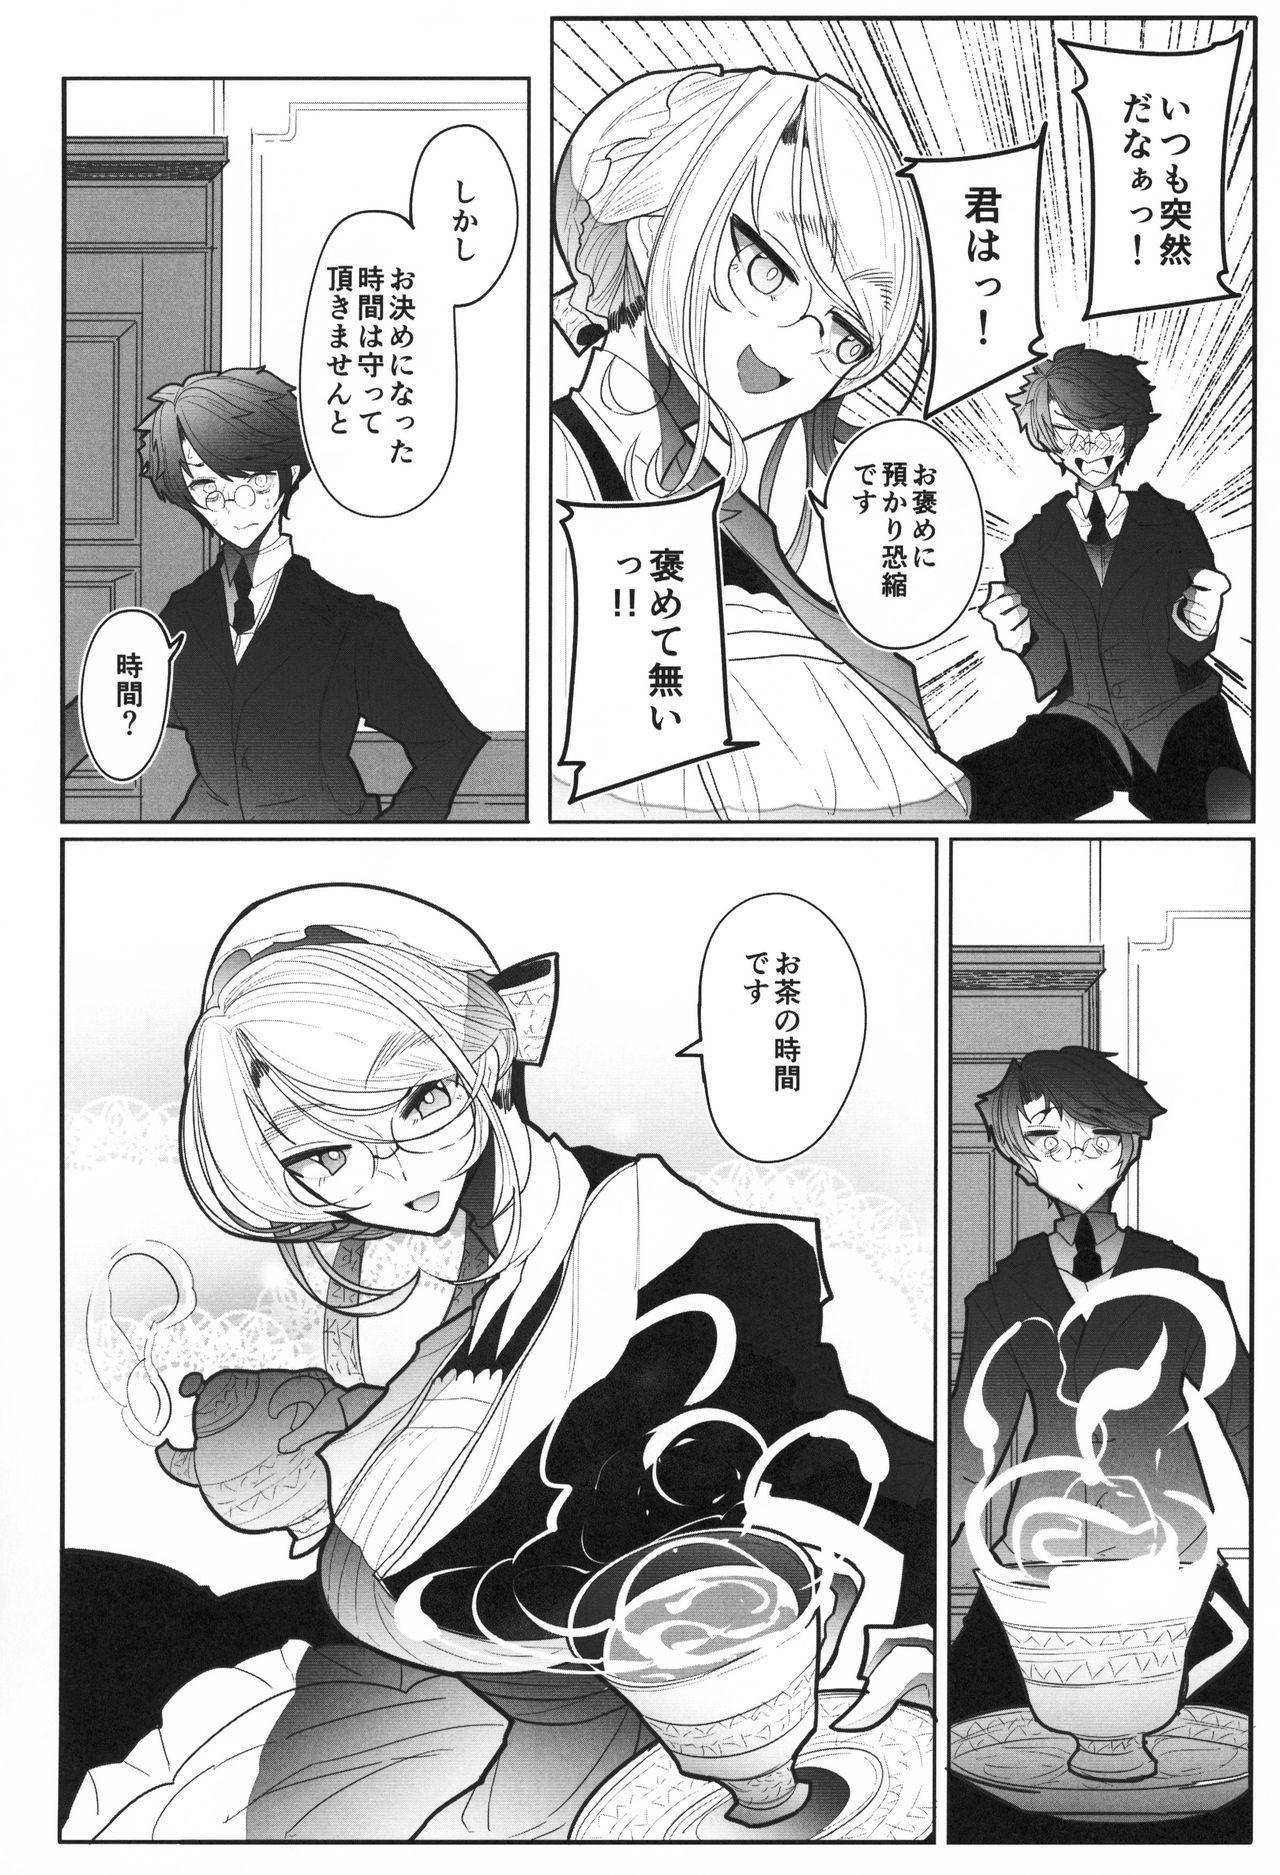 Shinshi Tsuki Maid no Sophie-san 3 4